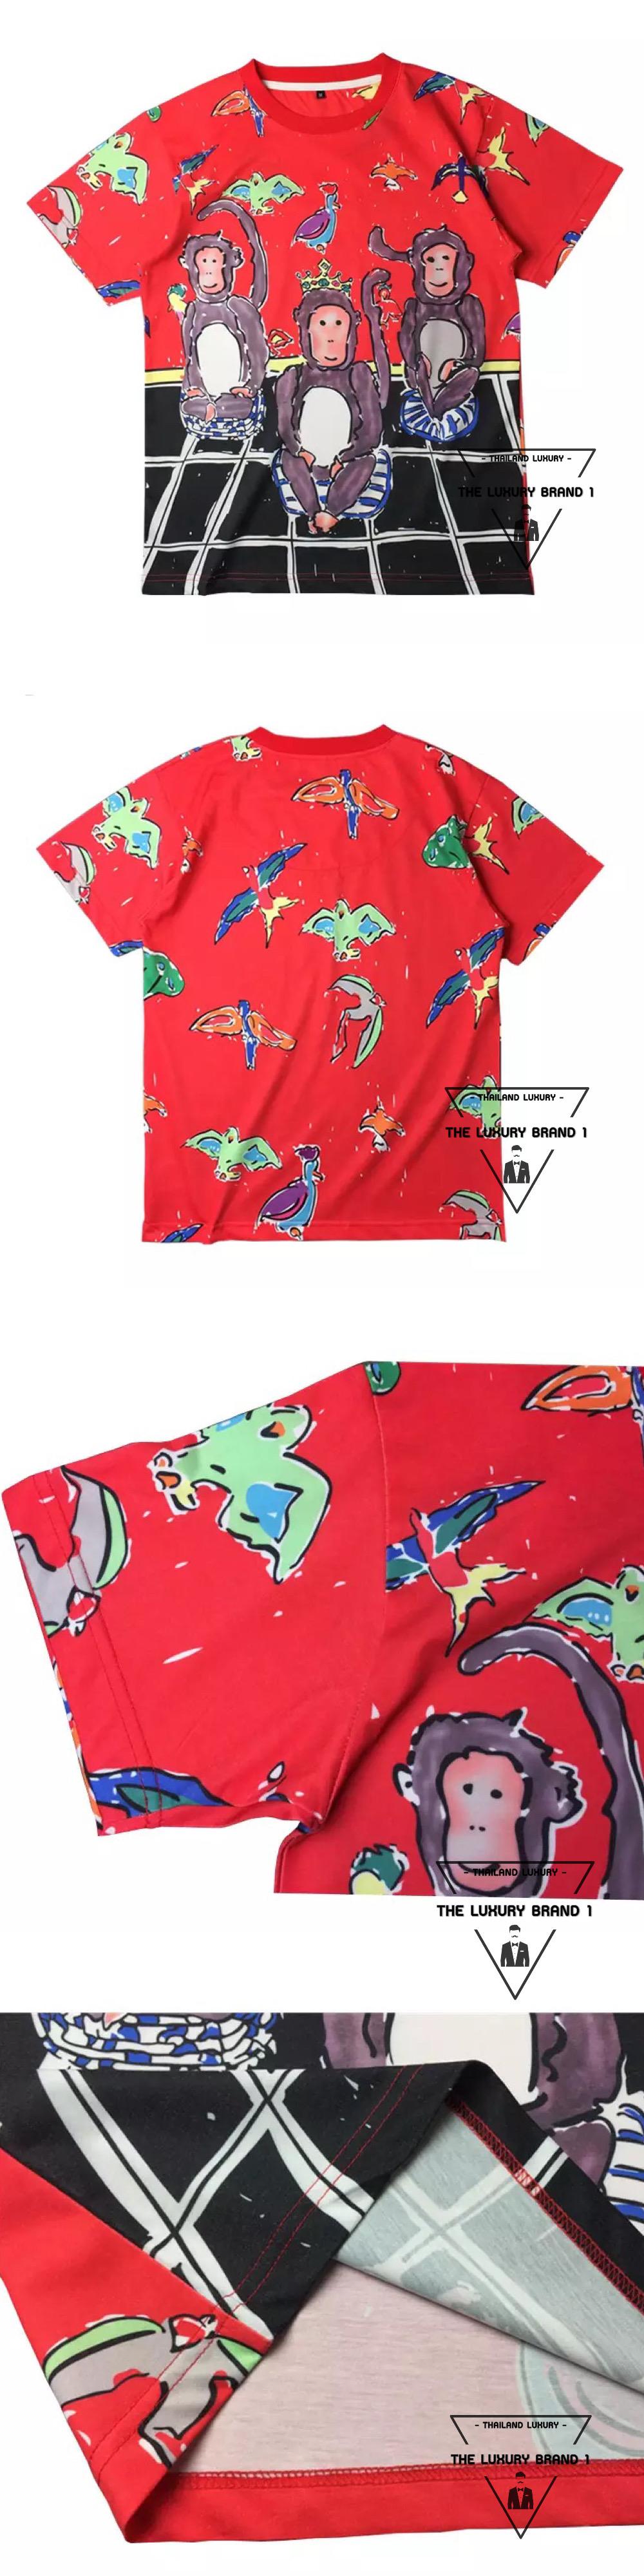 เสื้อยืด Dolce Gabbana สกรีนลายลิงสามตัวบนเสื้อ เสื้อยืด D & G สีแดง